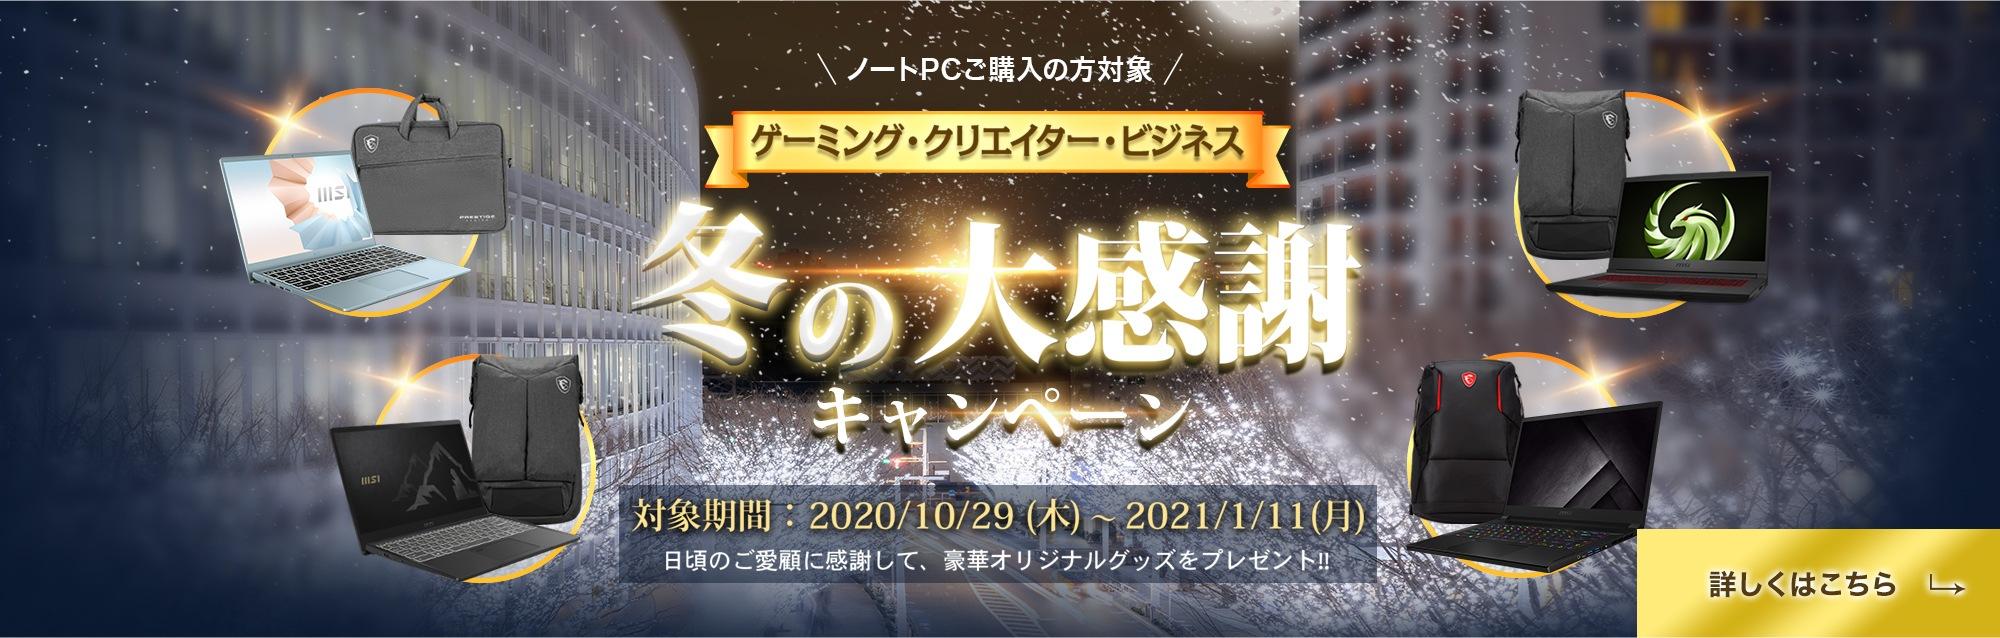 冬の大感謝祭ノートPCキャンペーン